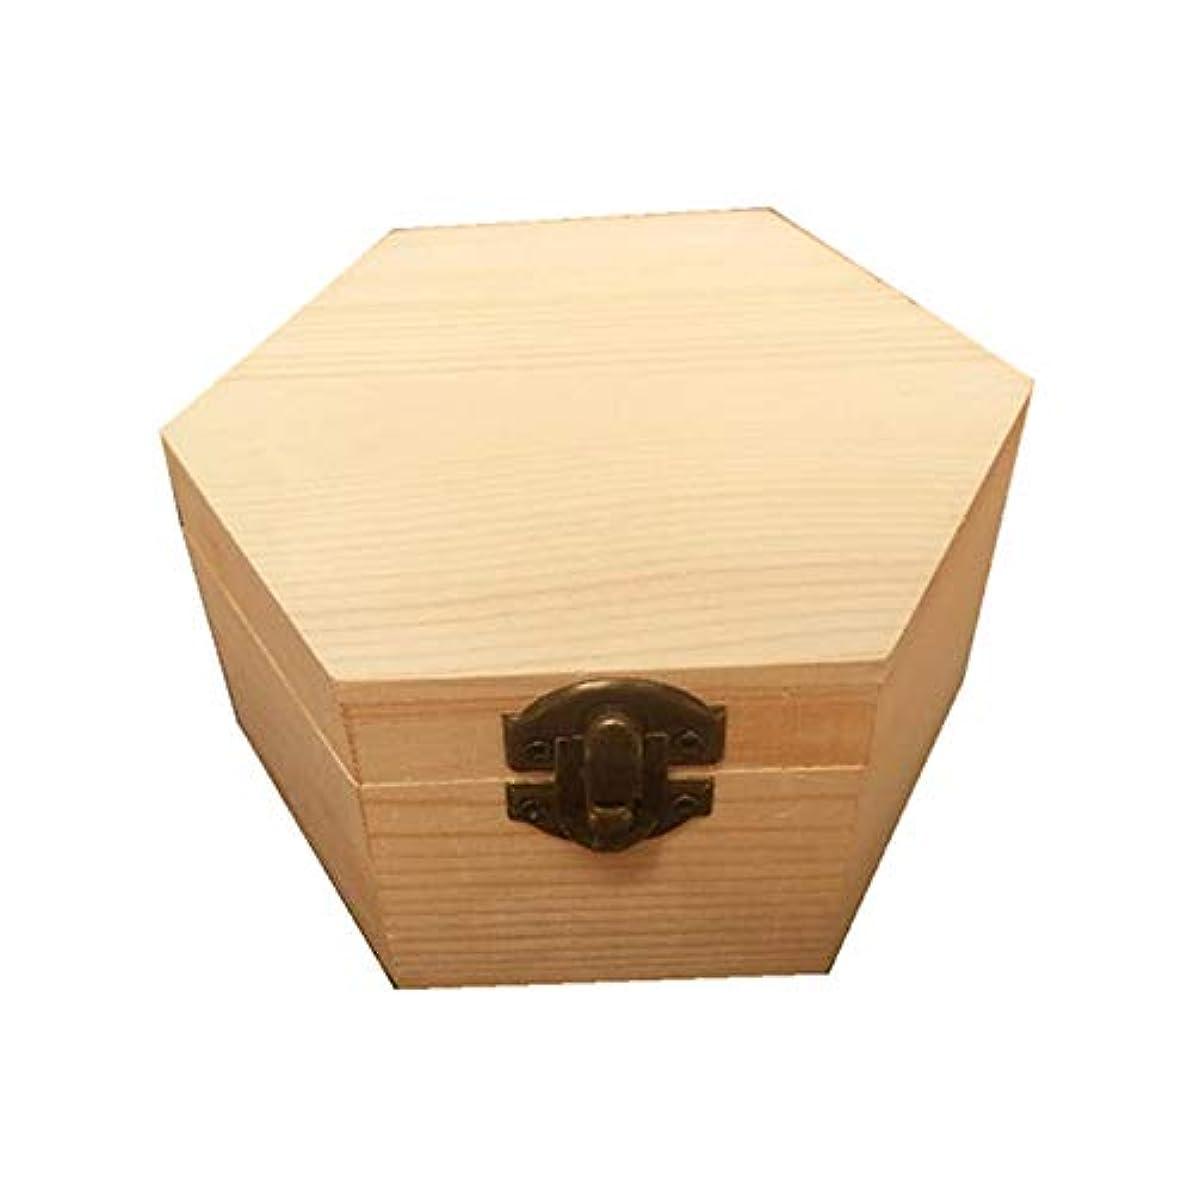 盗賊司書方法論エッセンシャルオイルの保管 手作りの木製ギフトボックスパーフェクトエッセンシャルオイルケースにエッセンシャルオイル (色 : Natural, サイズ : 13X11.3X6.8CM)